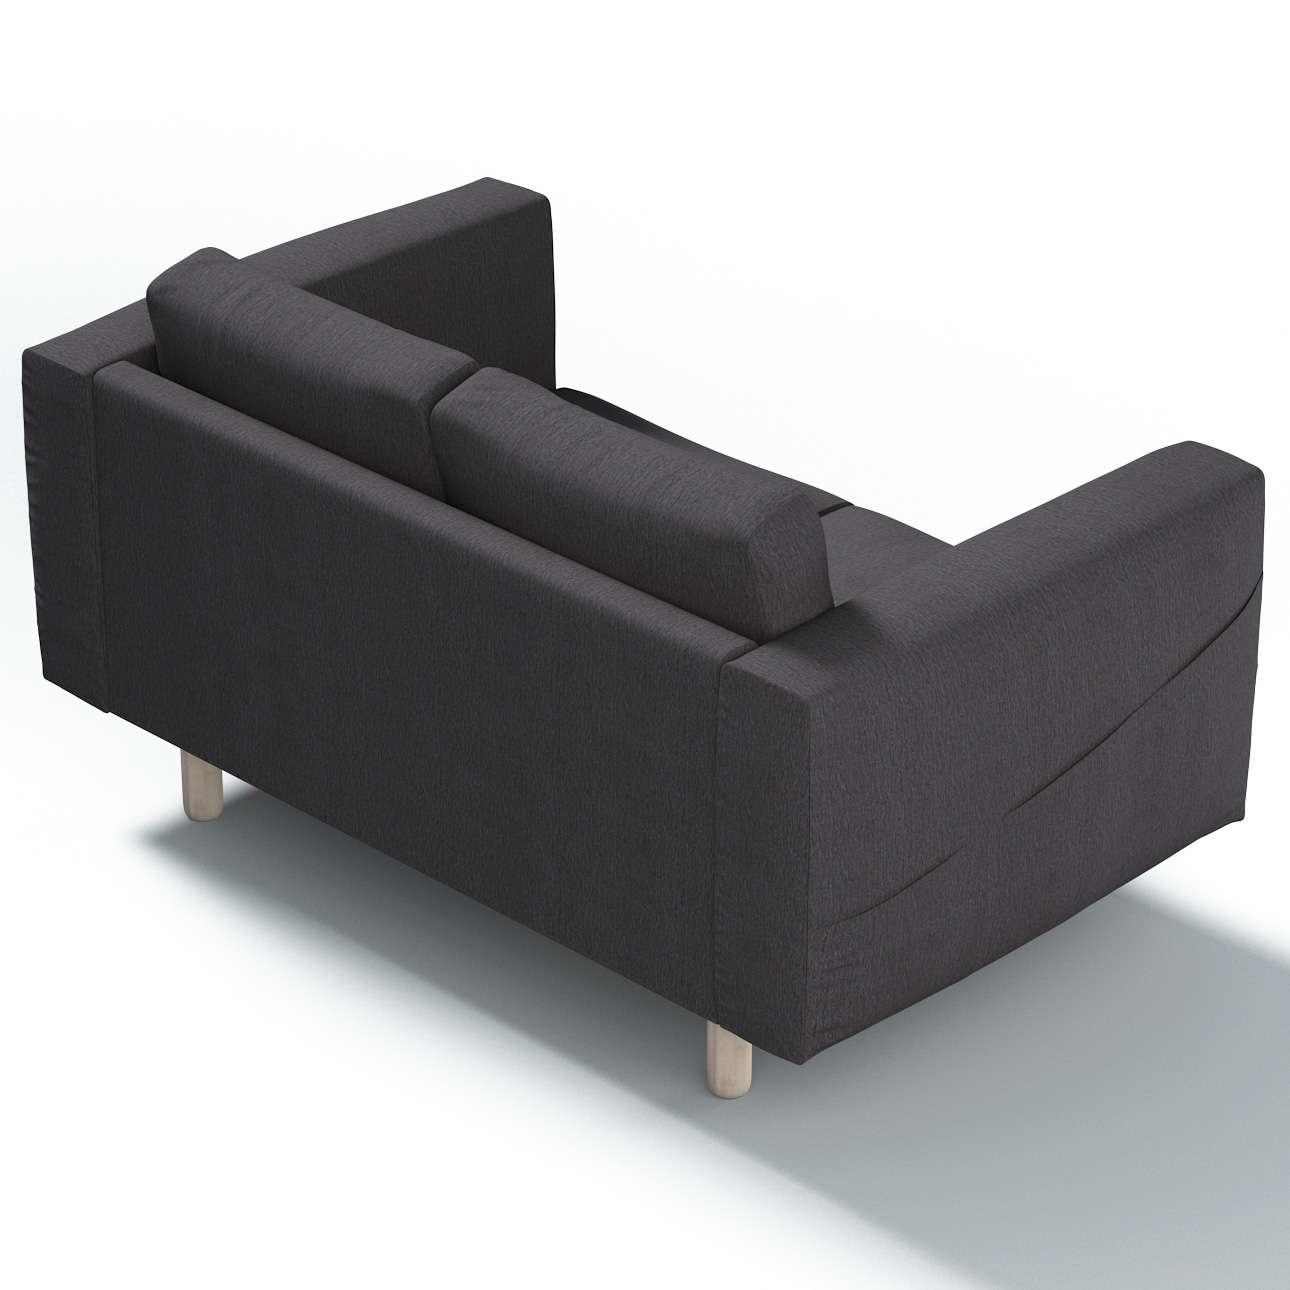 Pokrowiec na sofę Norsborg 2-osobową w kolekcji Chenille, tkanina: 702-20